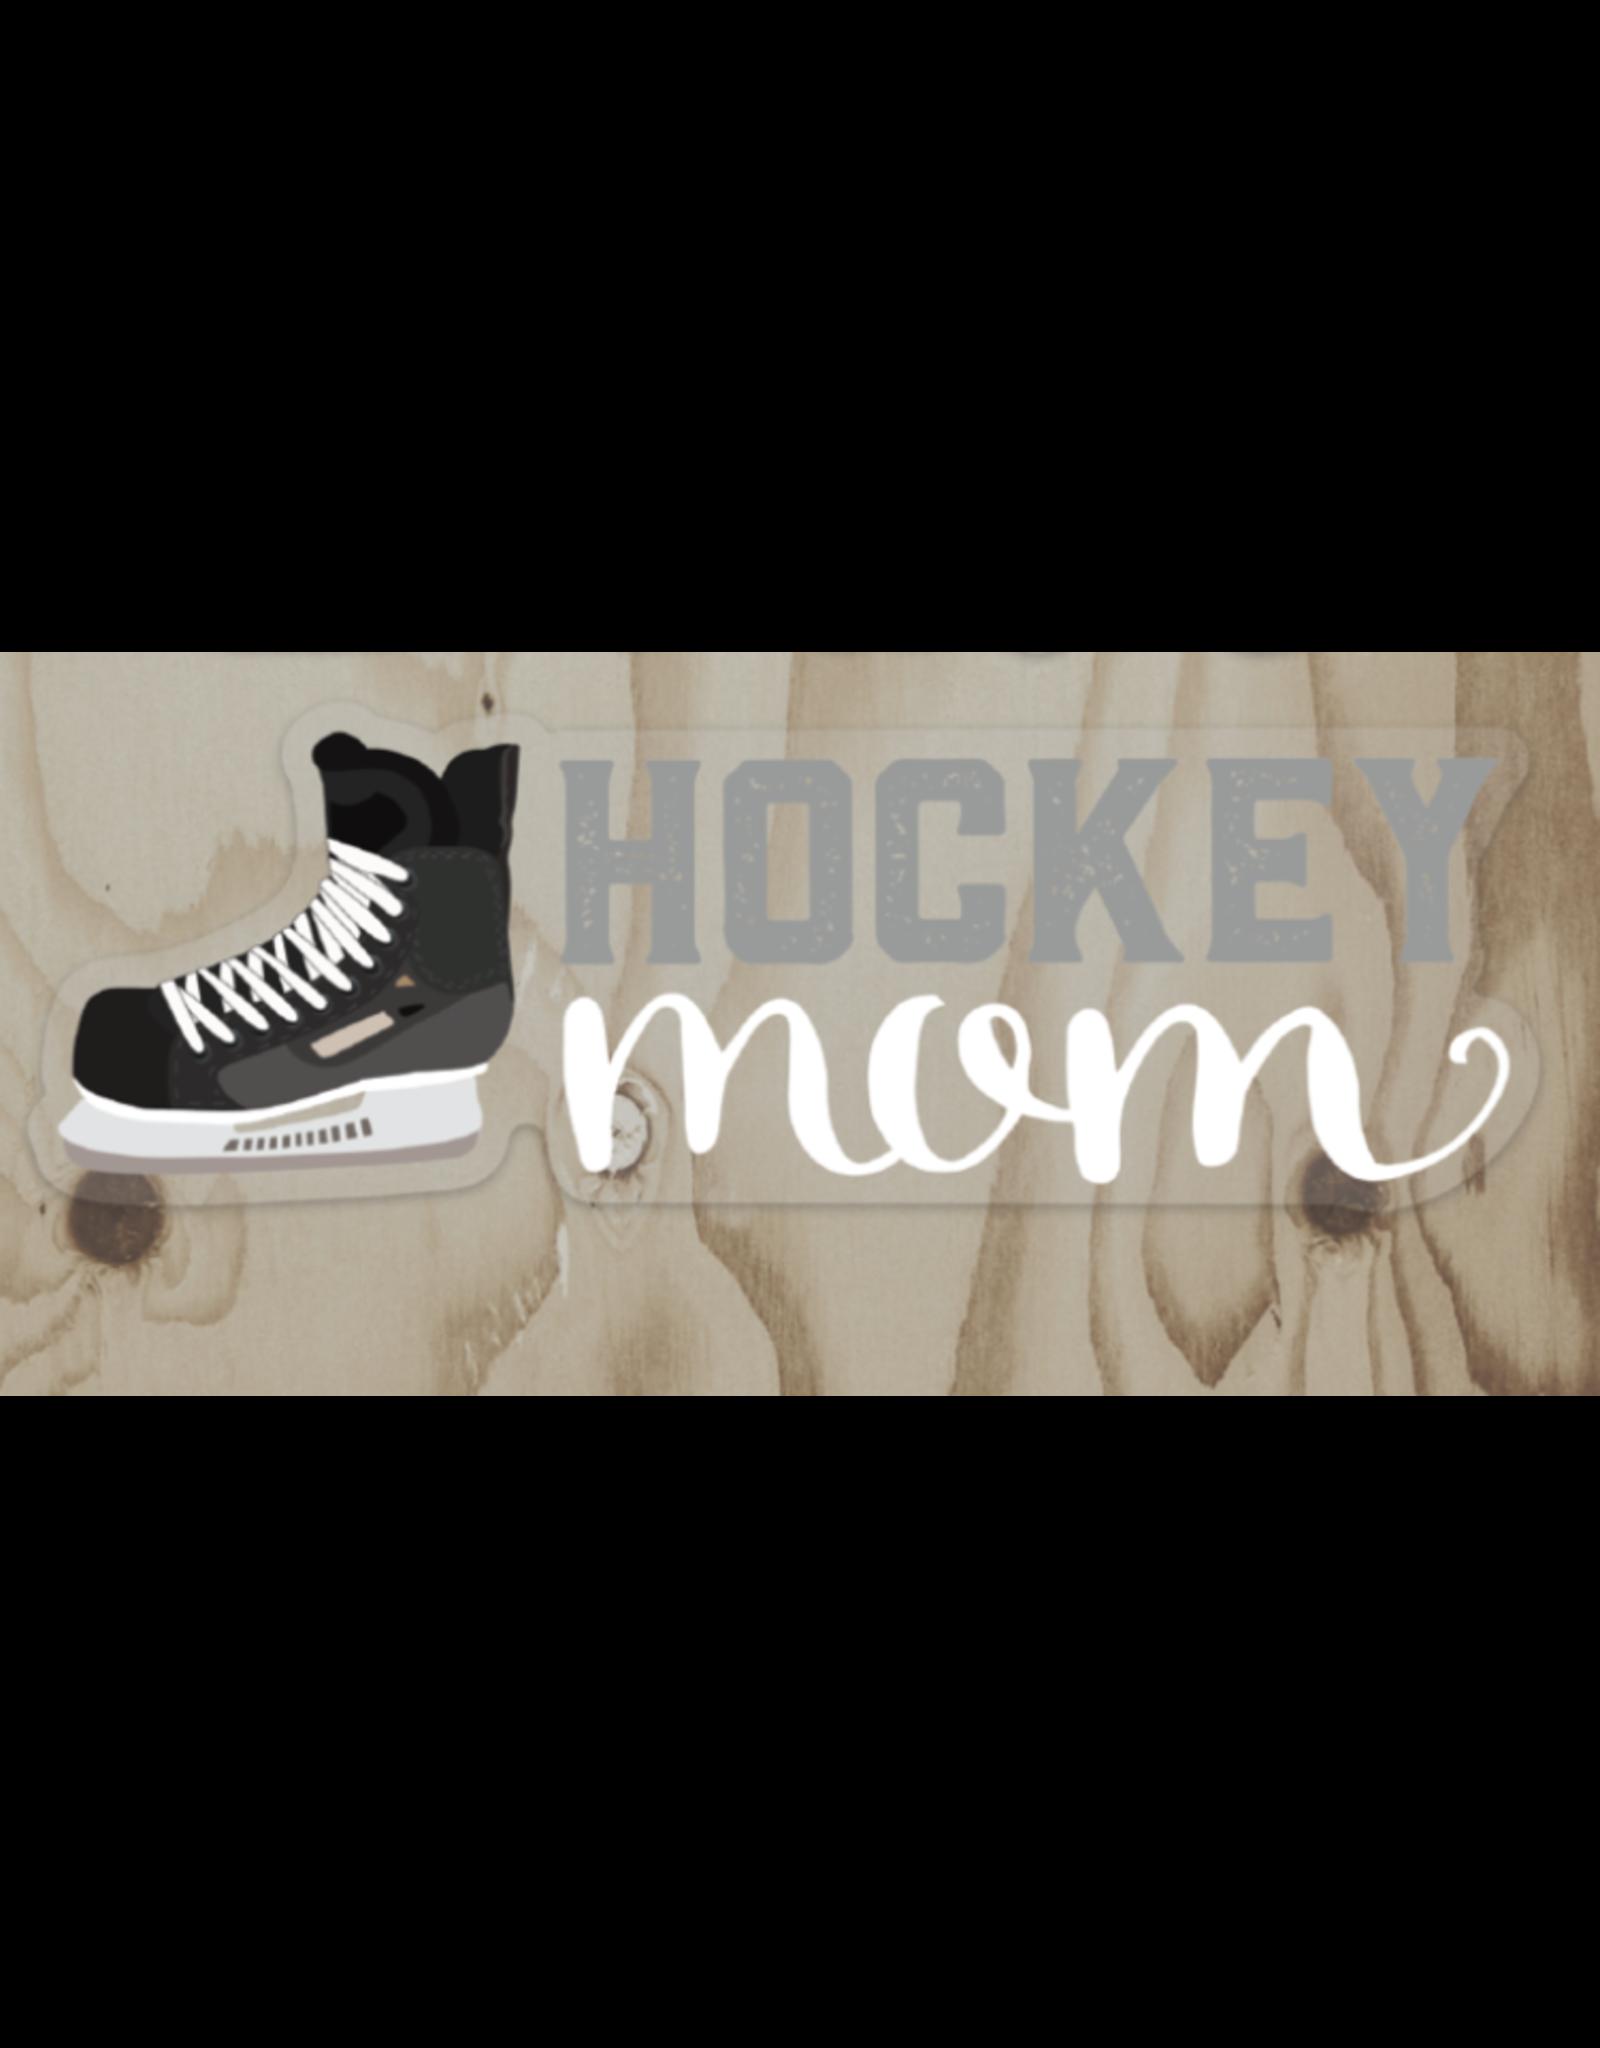 Wren & the Raven Sticker (hockey mom)   Wren and the Raven